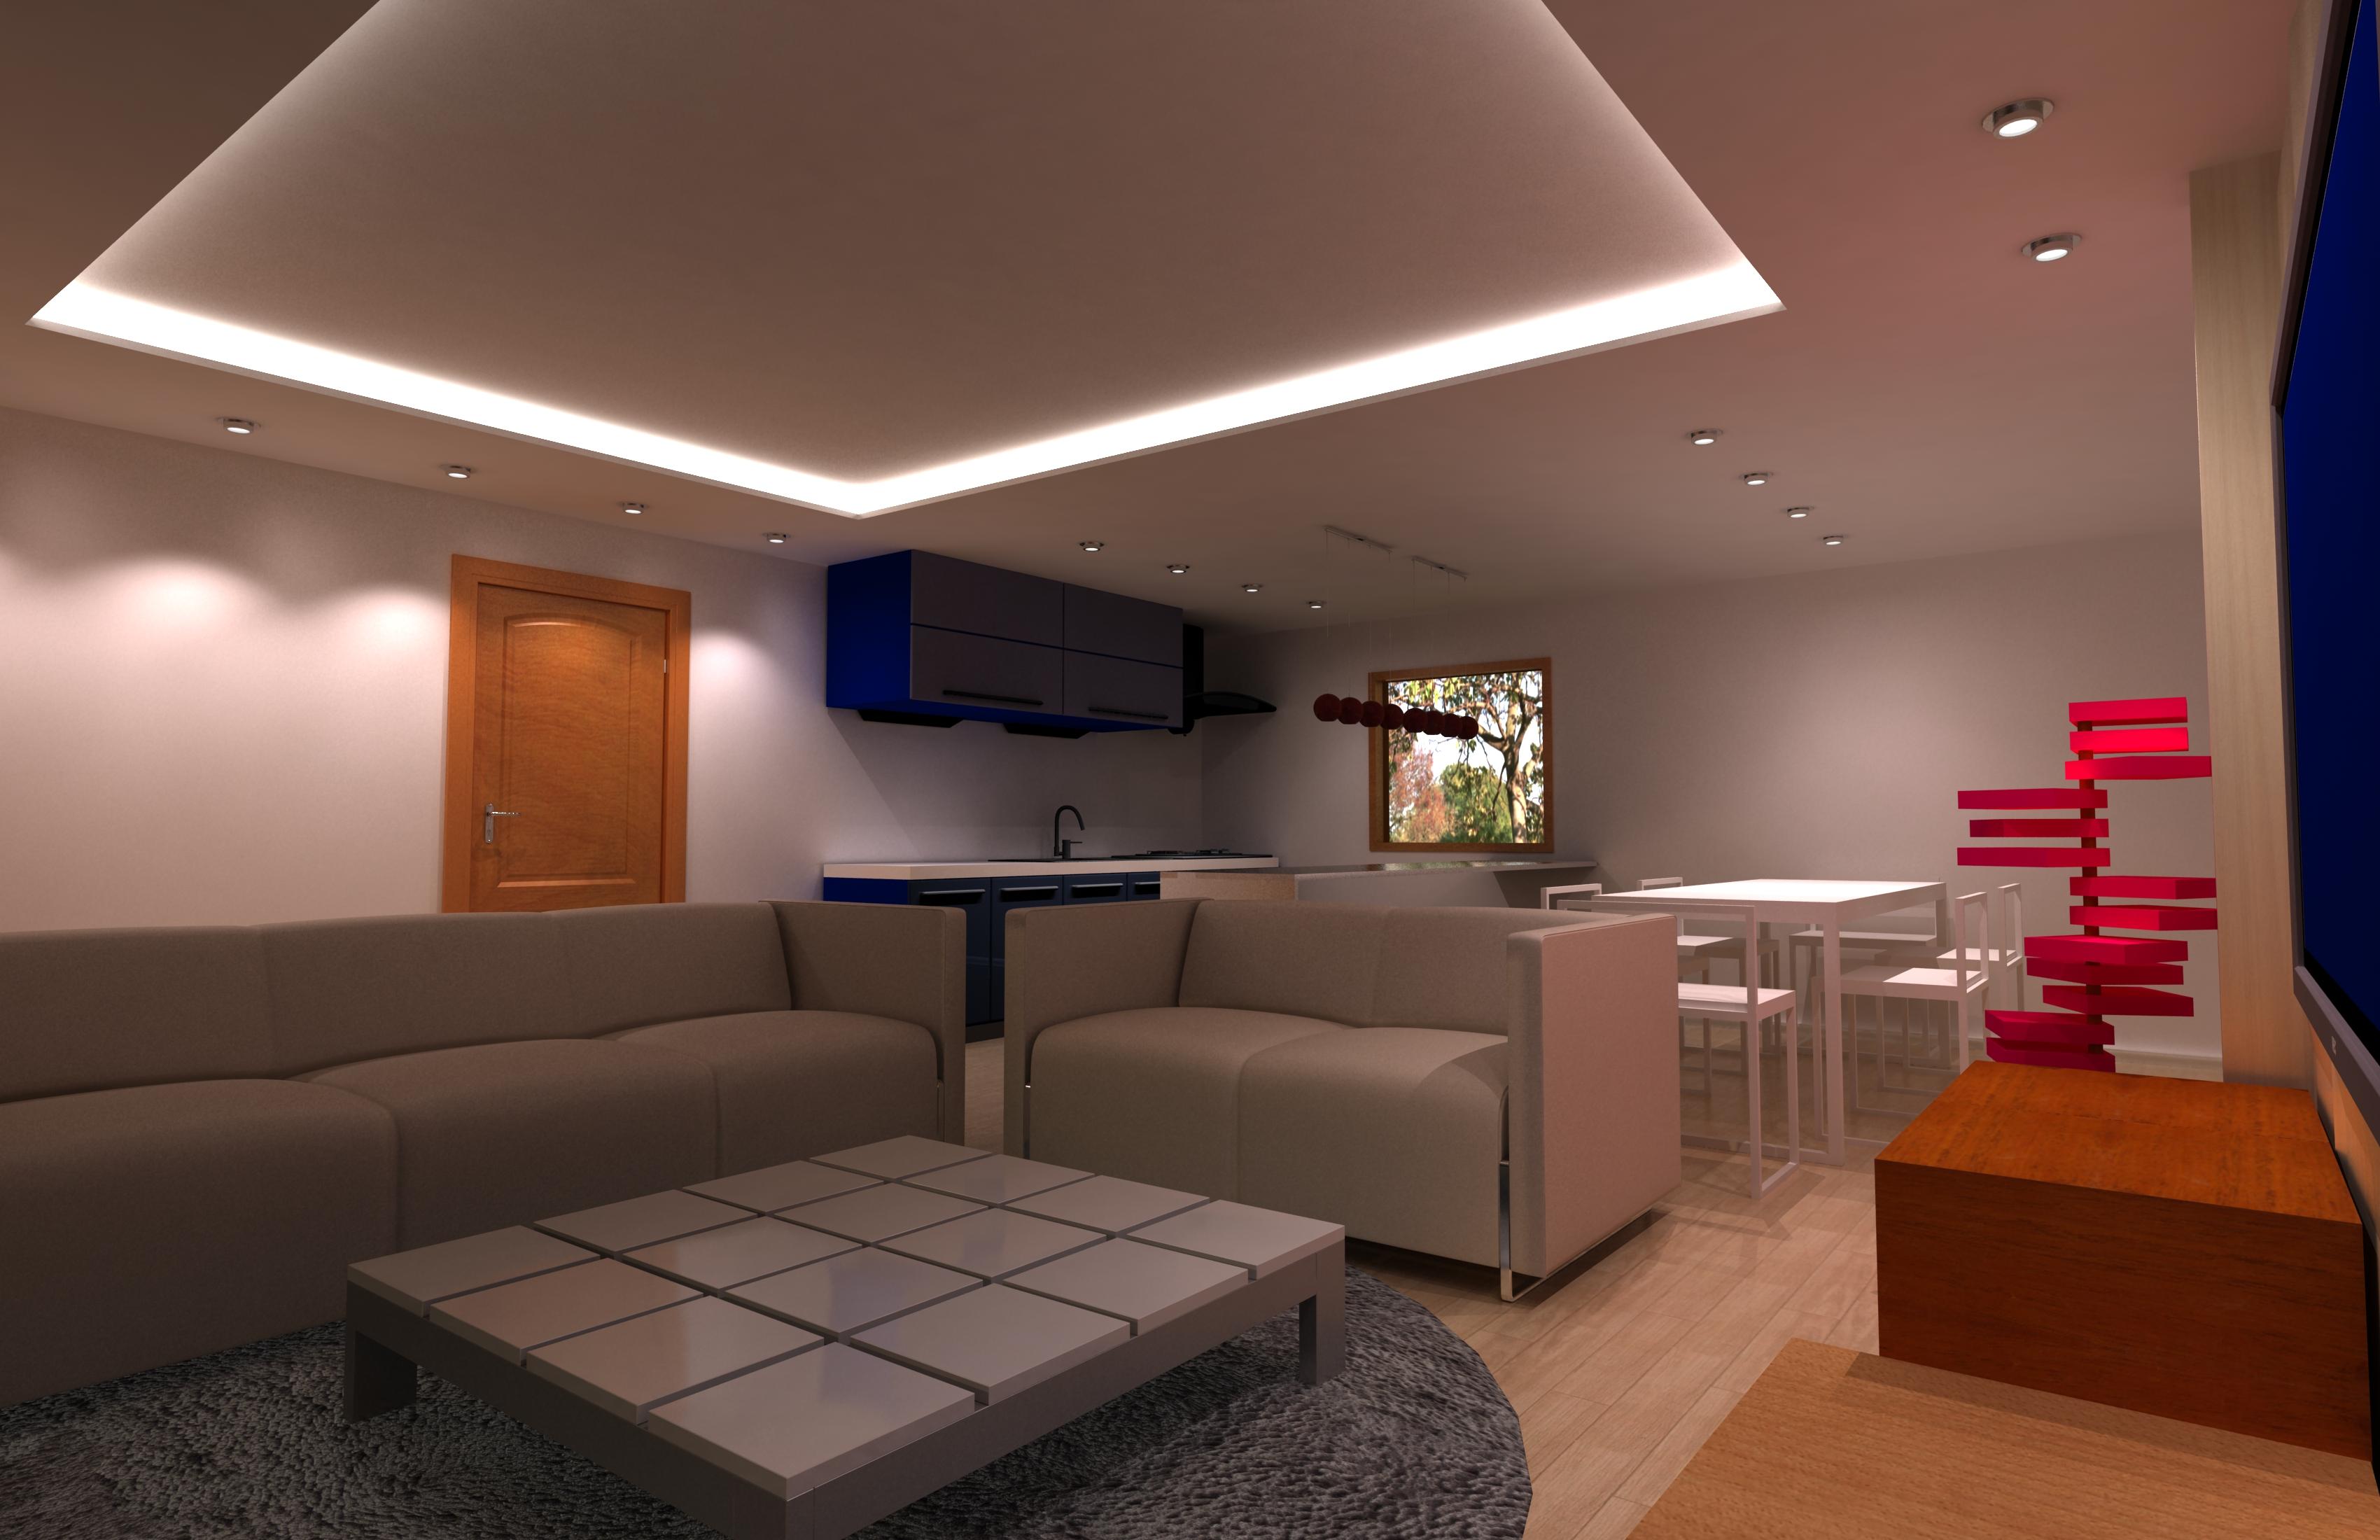 Amazing Interior Design Jobs Perth Wa Home With